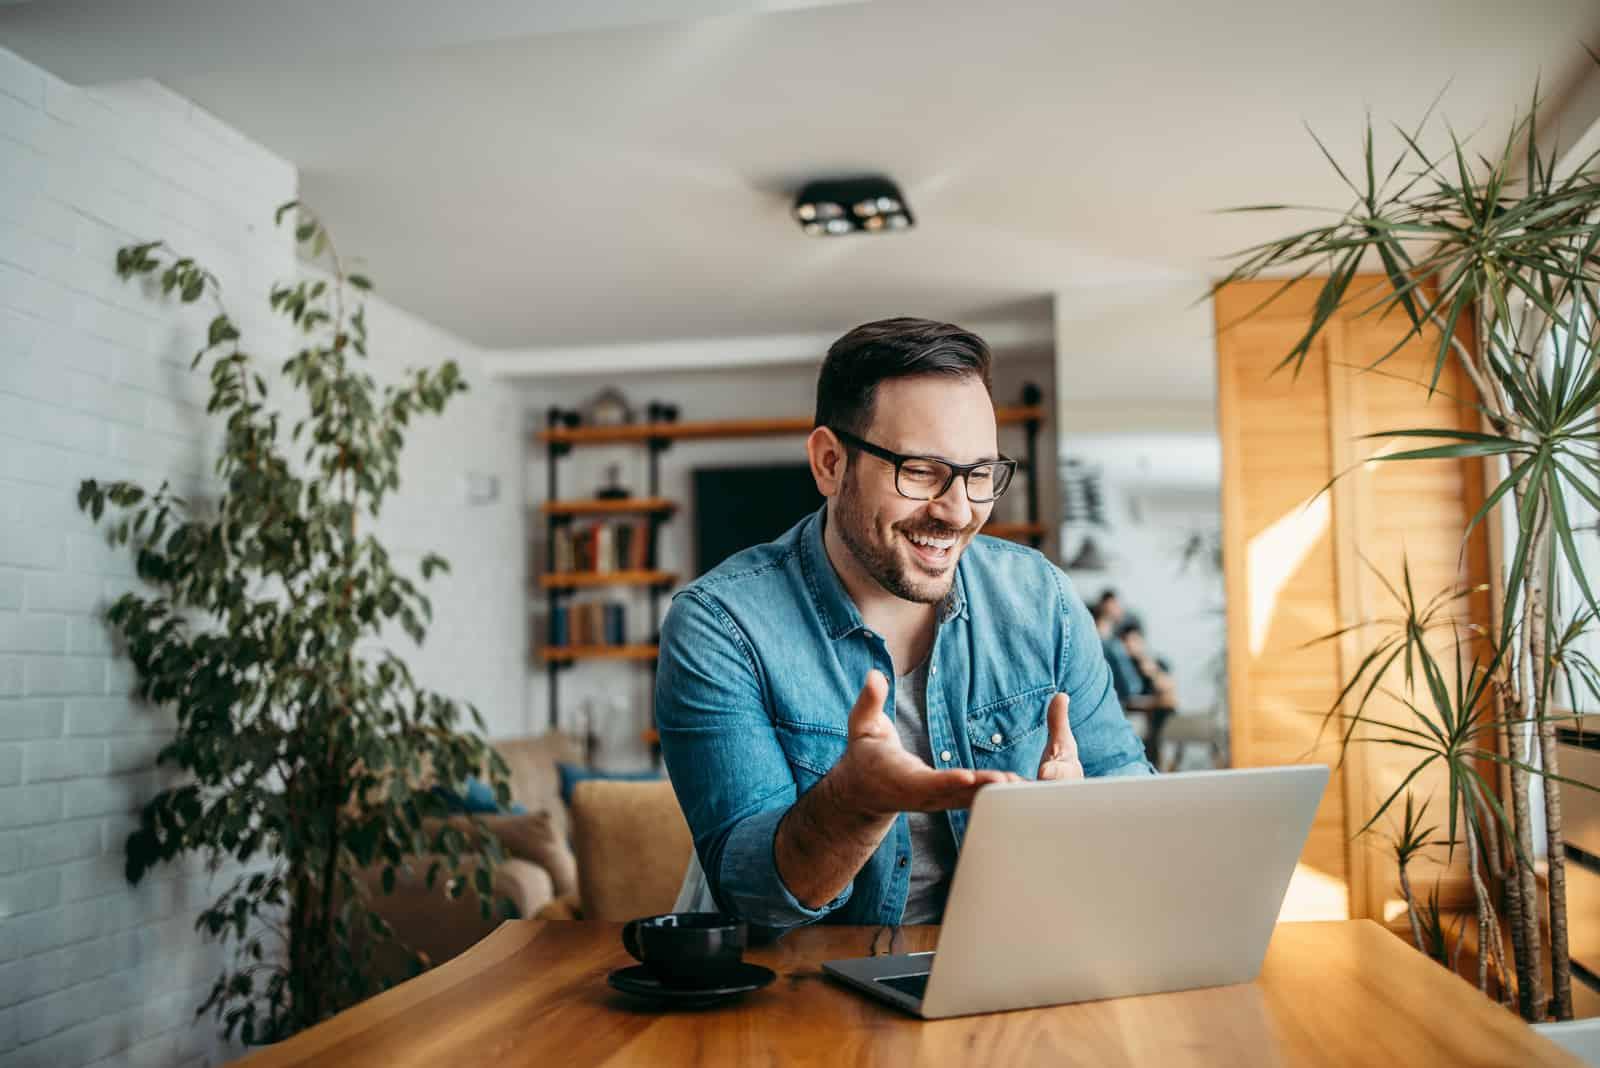 un homme est assis derrière un ordinateur portable et rit